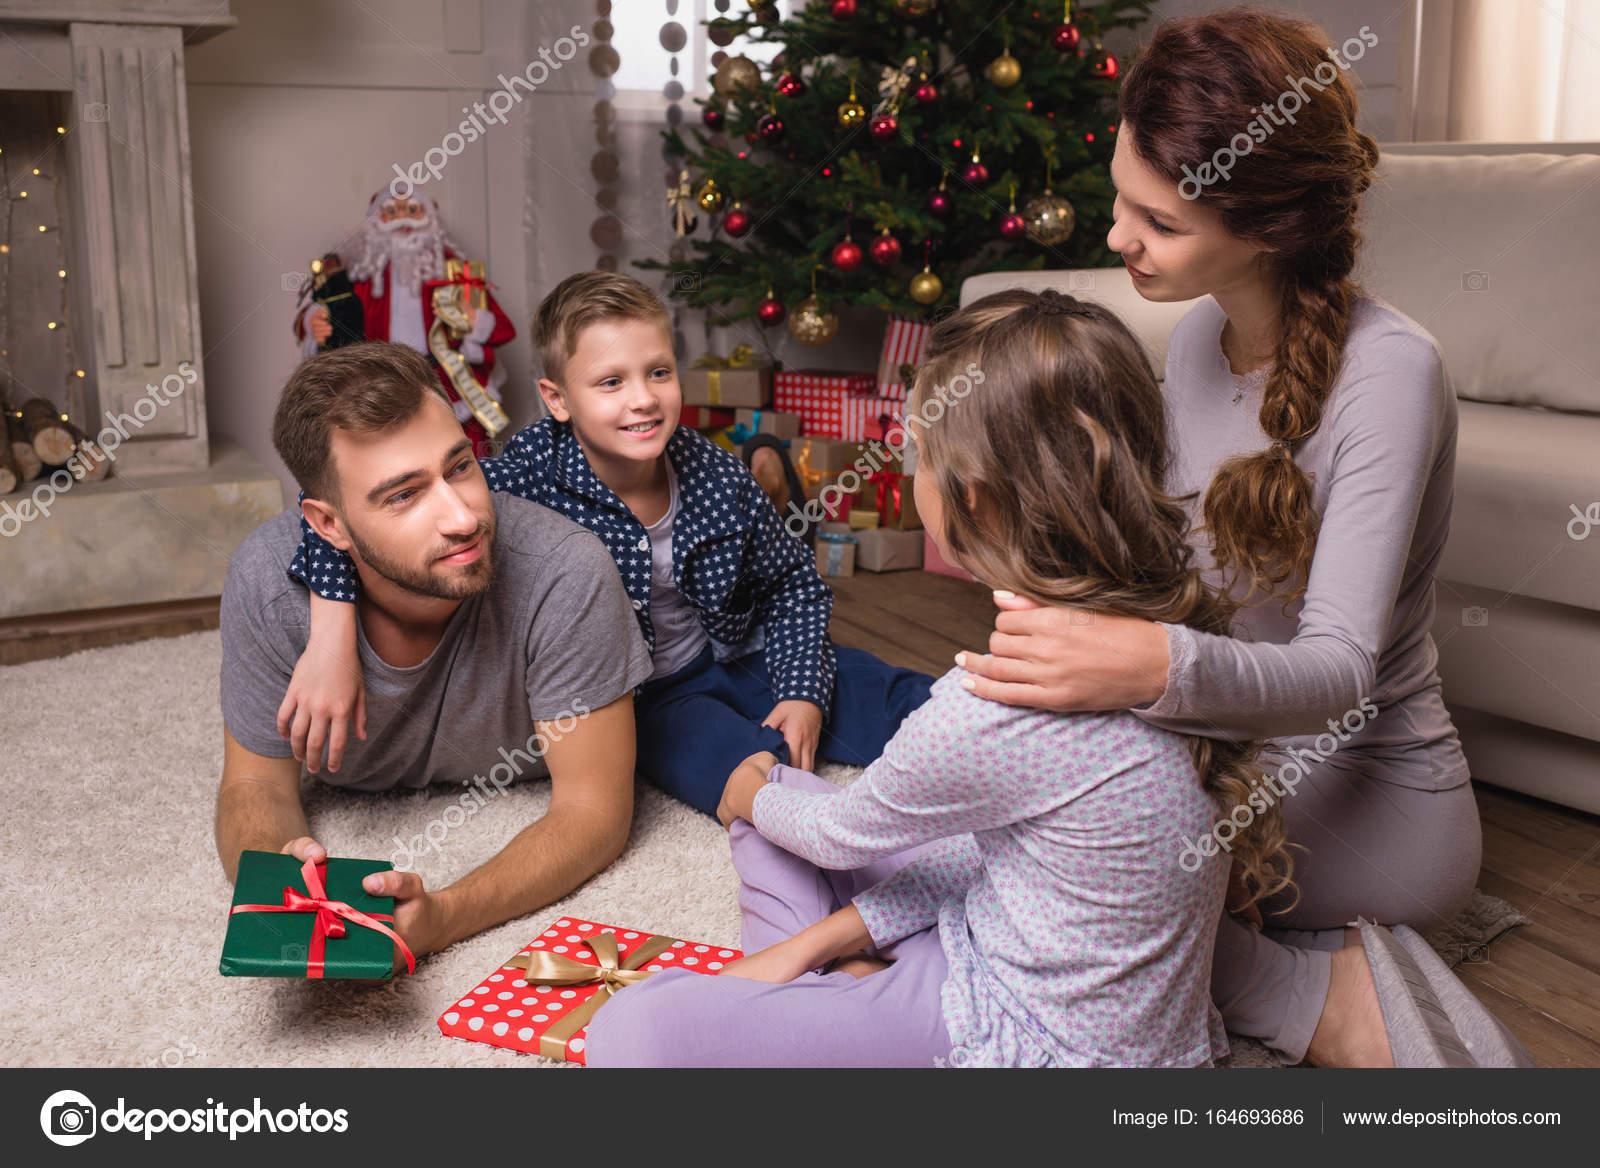 Weihnachten Pyjama Familie.Familie Im Pyjama Auf Weihnachten Stockfoto Geneglavitsky 164693686